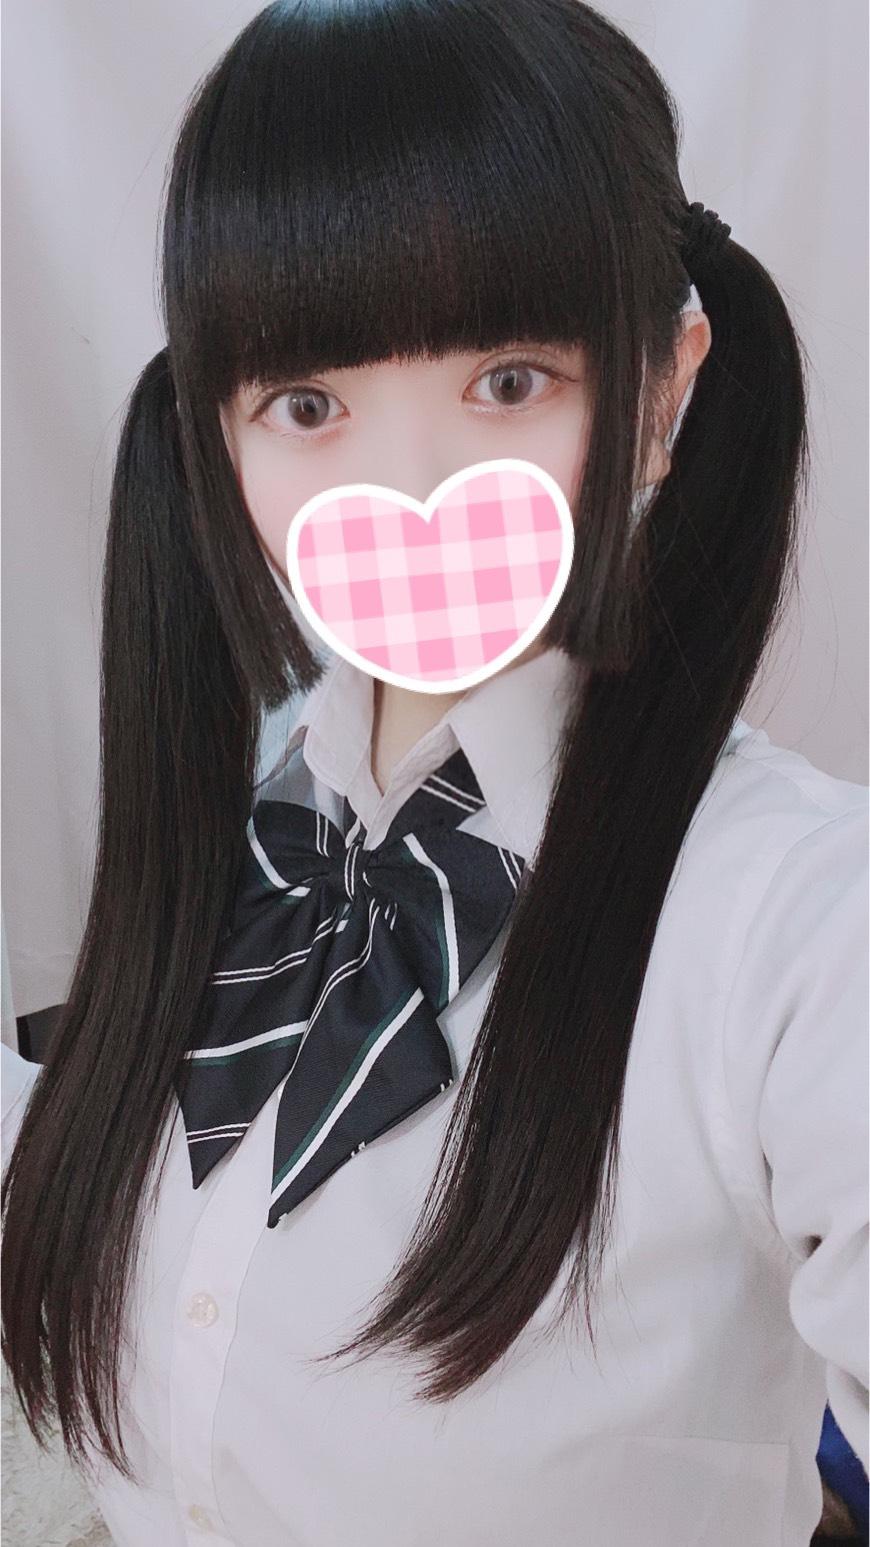 12/14本入店初日 あんり(JK中退年齢)